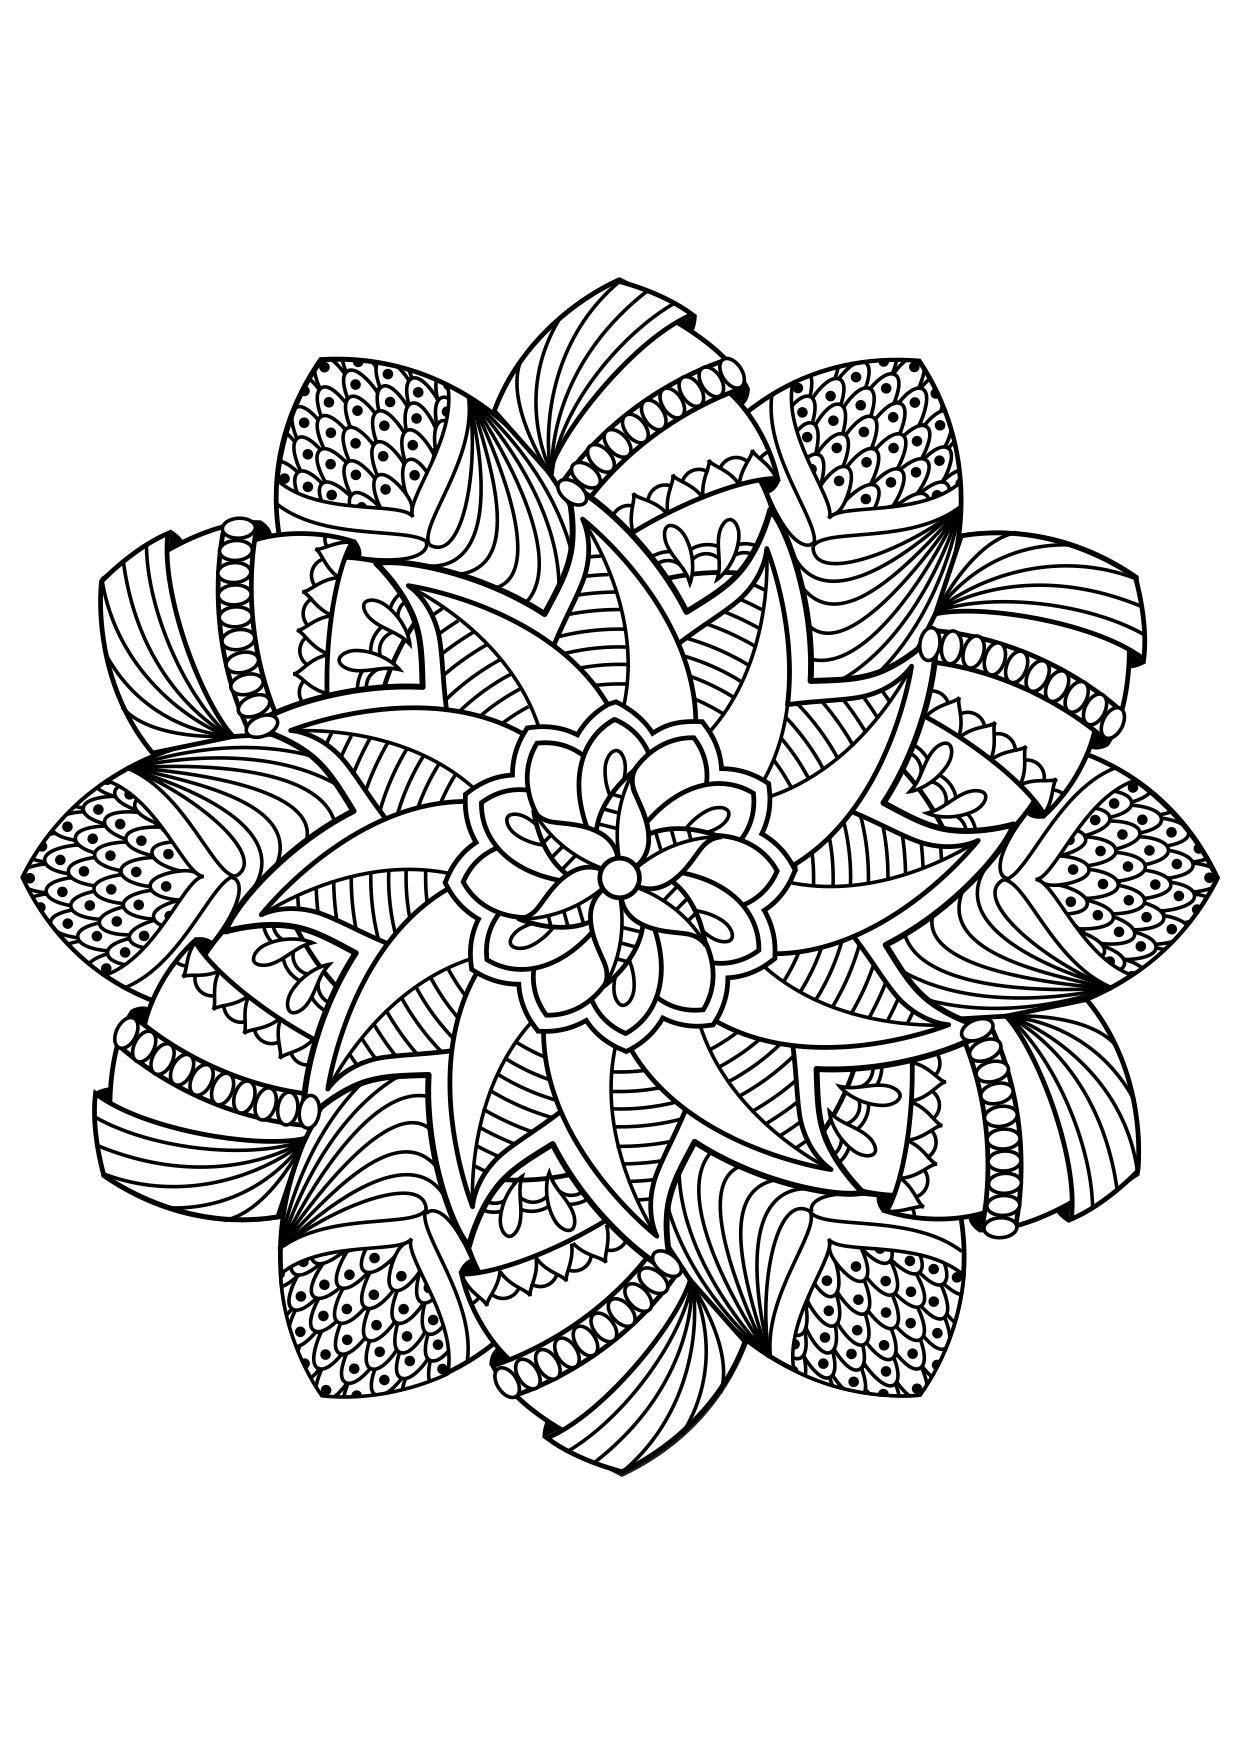 Coloriage Mandala   Coloriages Gratuits à Imprimer   Dessin 32